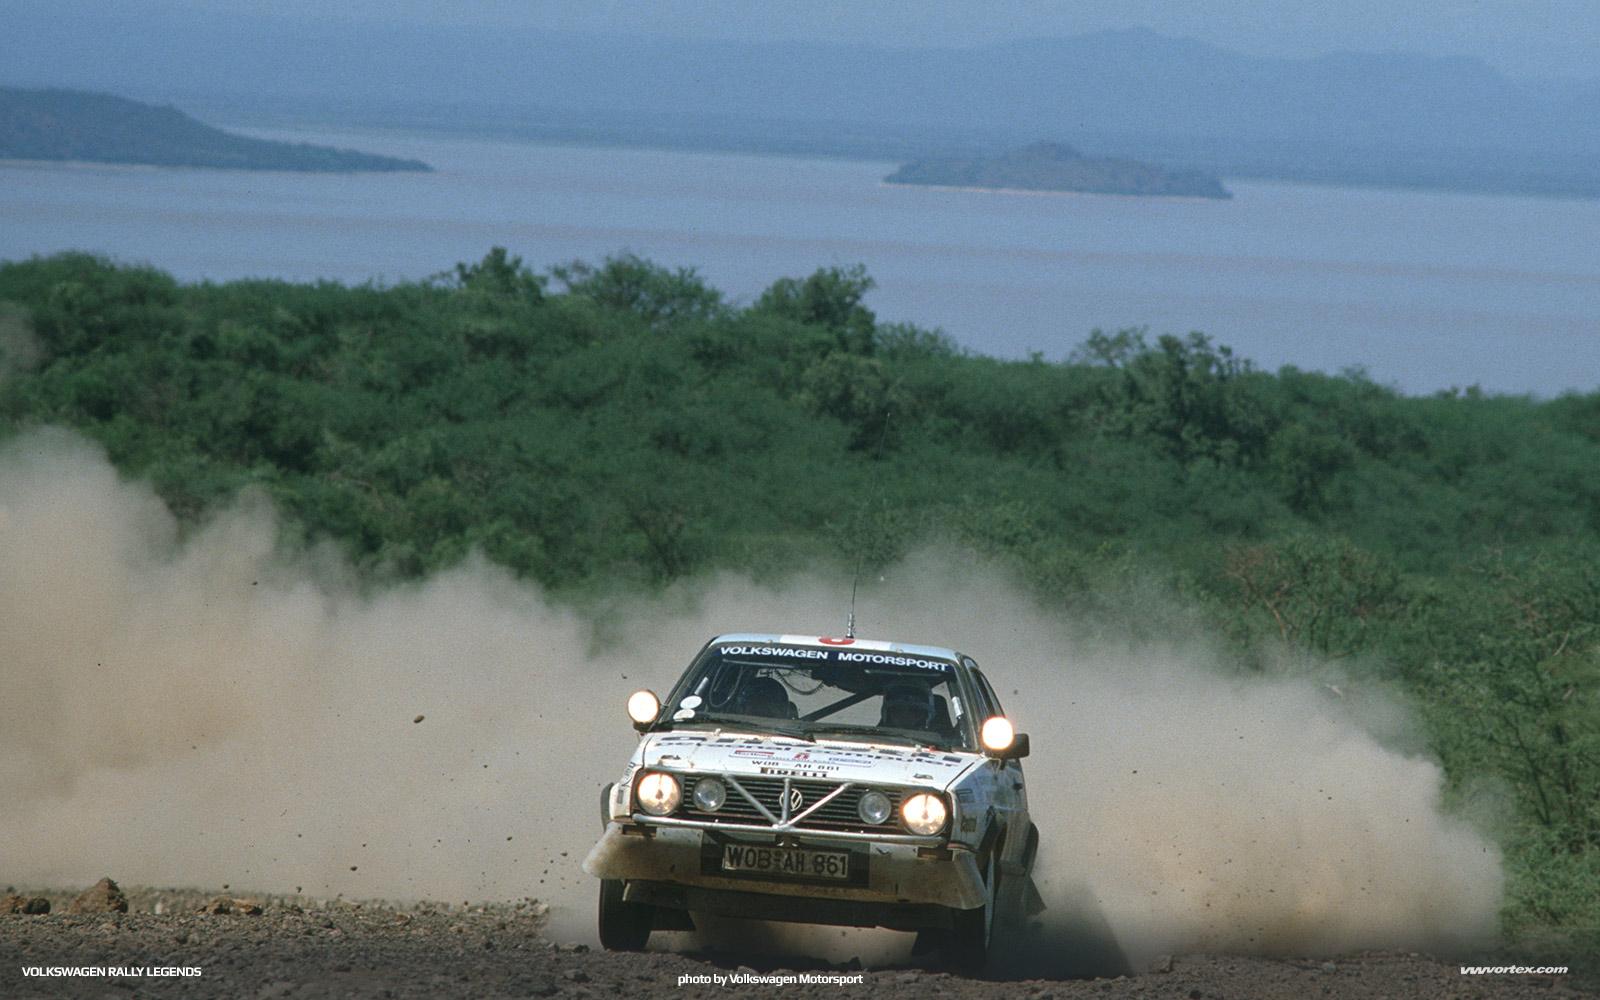 volkswagen-rally-legends-402